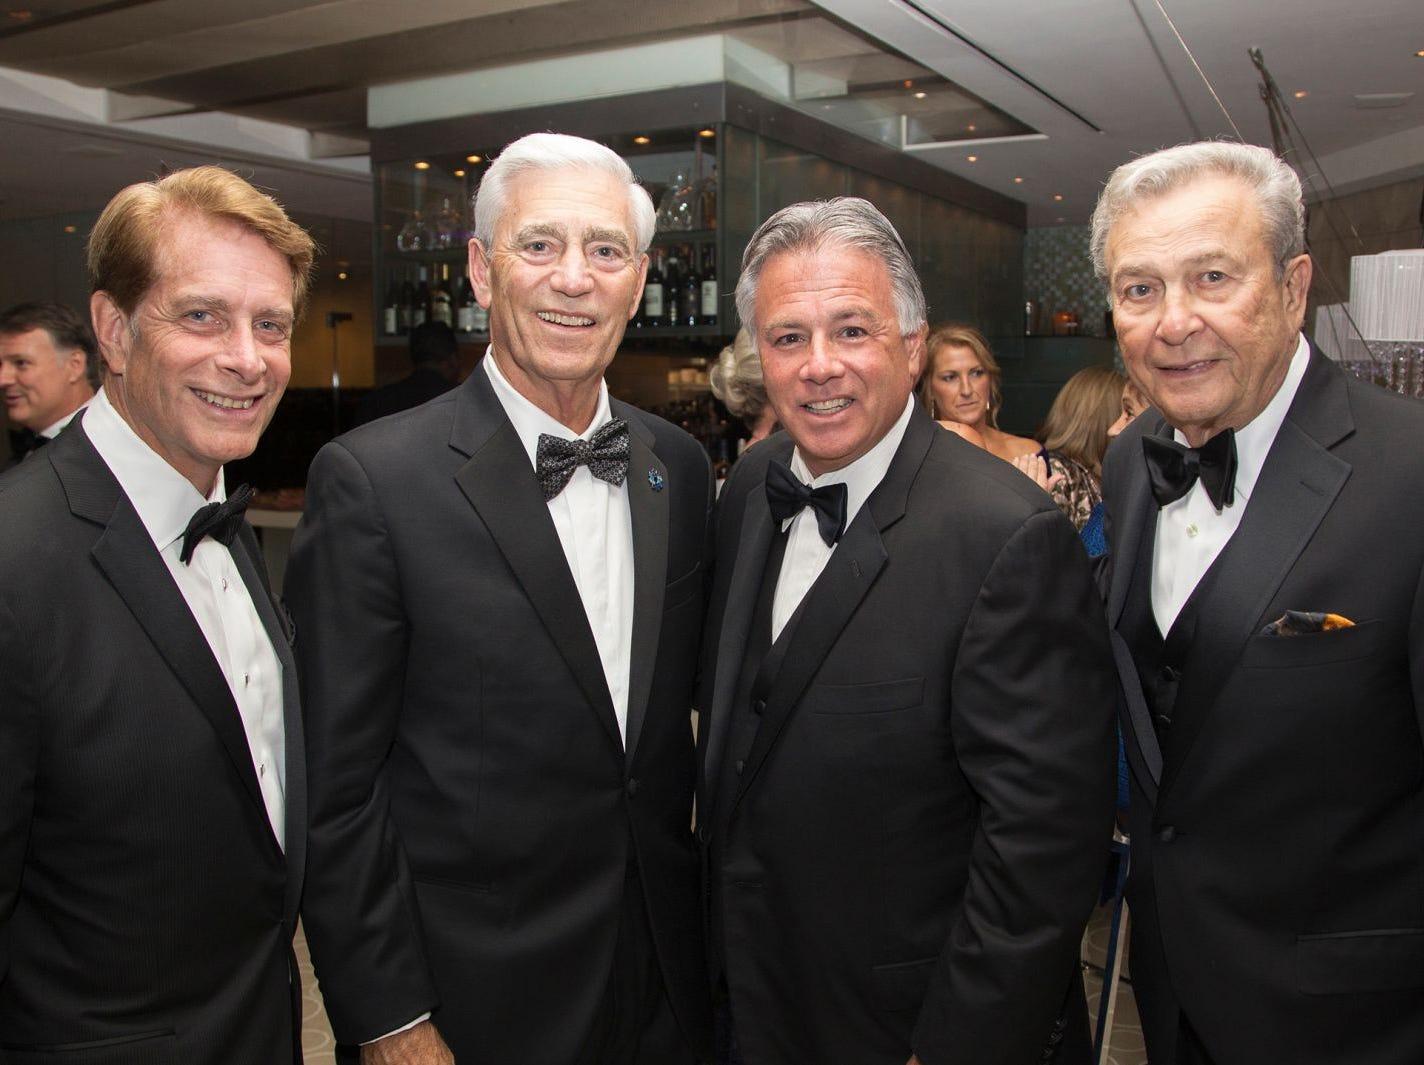 Bob Garrett, John Lloyd, Larry Inserra Jr, Joe Simunovich. Hackensack University Medical Center Foundation held its 25th anniversary Recognition Gala at Rockefeller Center, NY. 10/06/2018